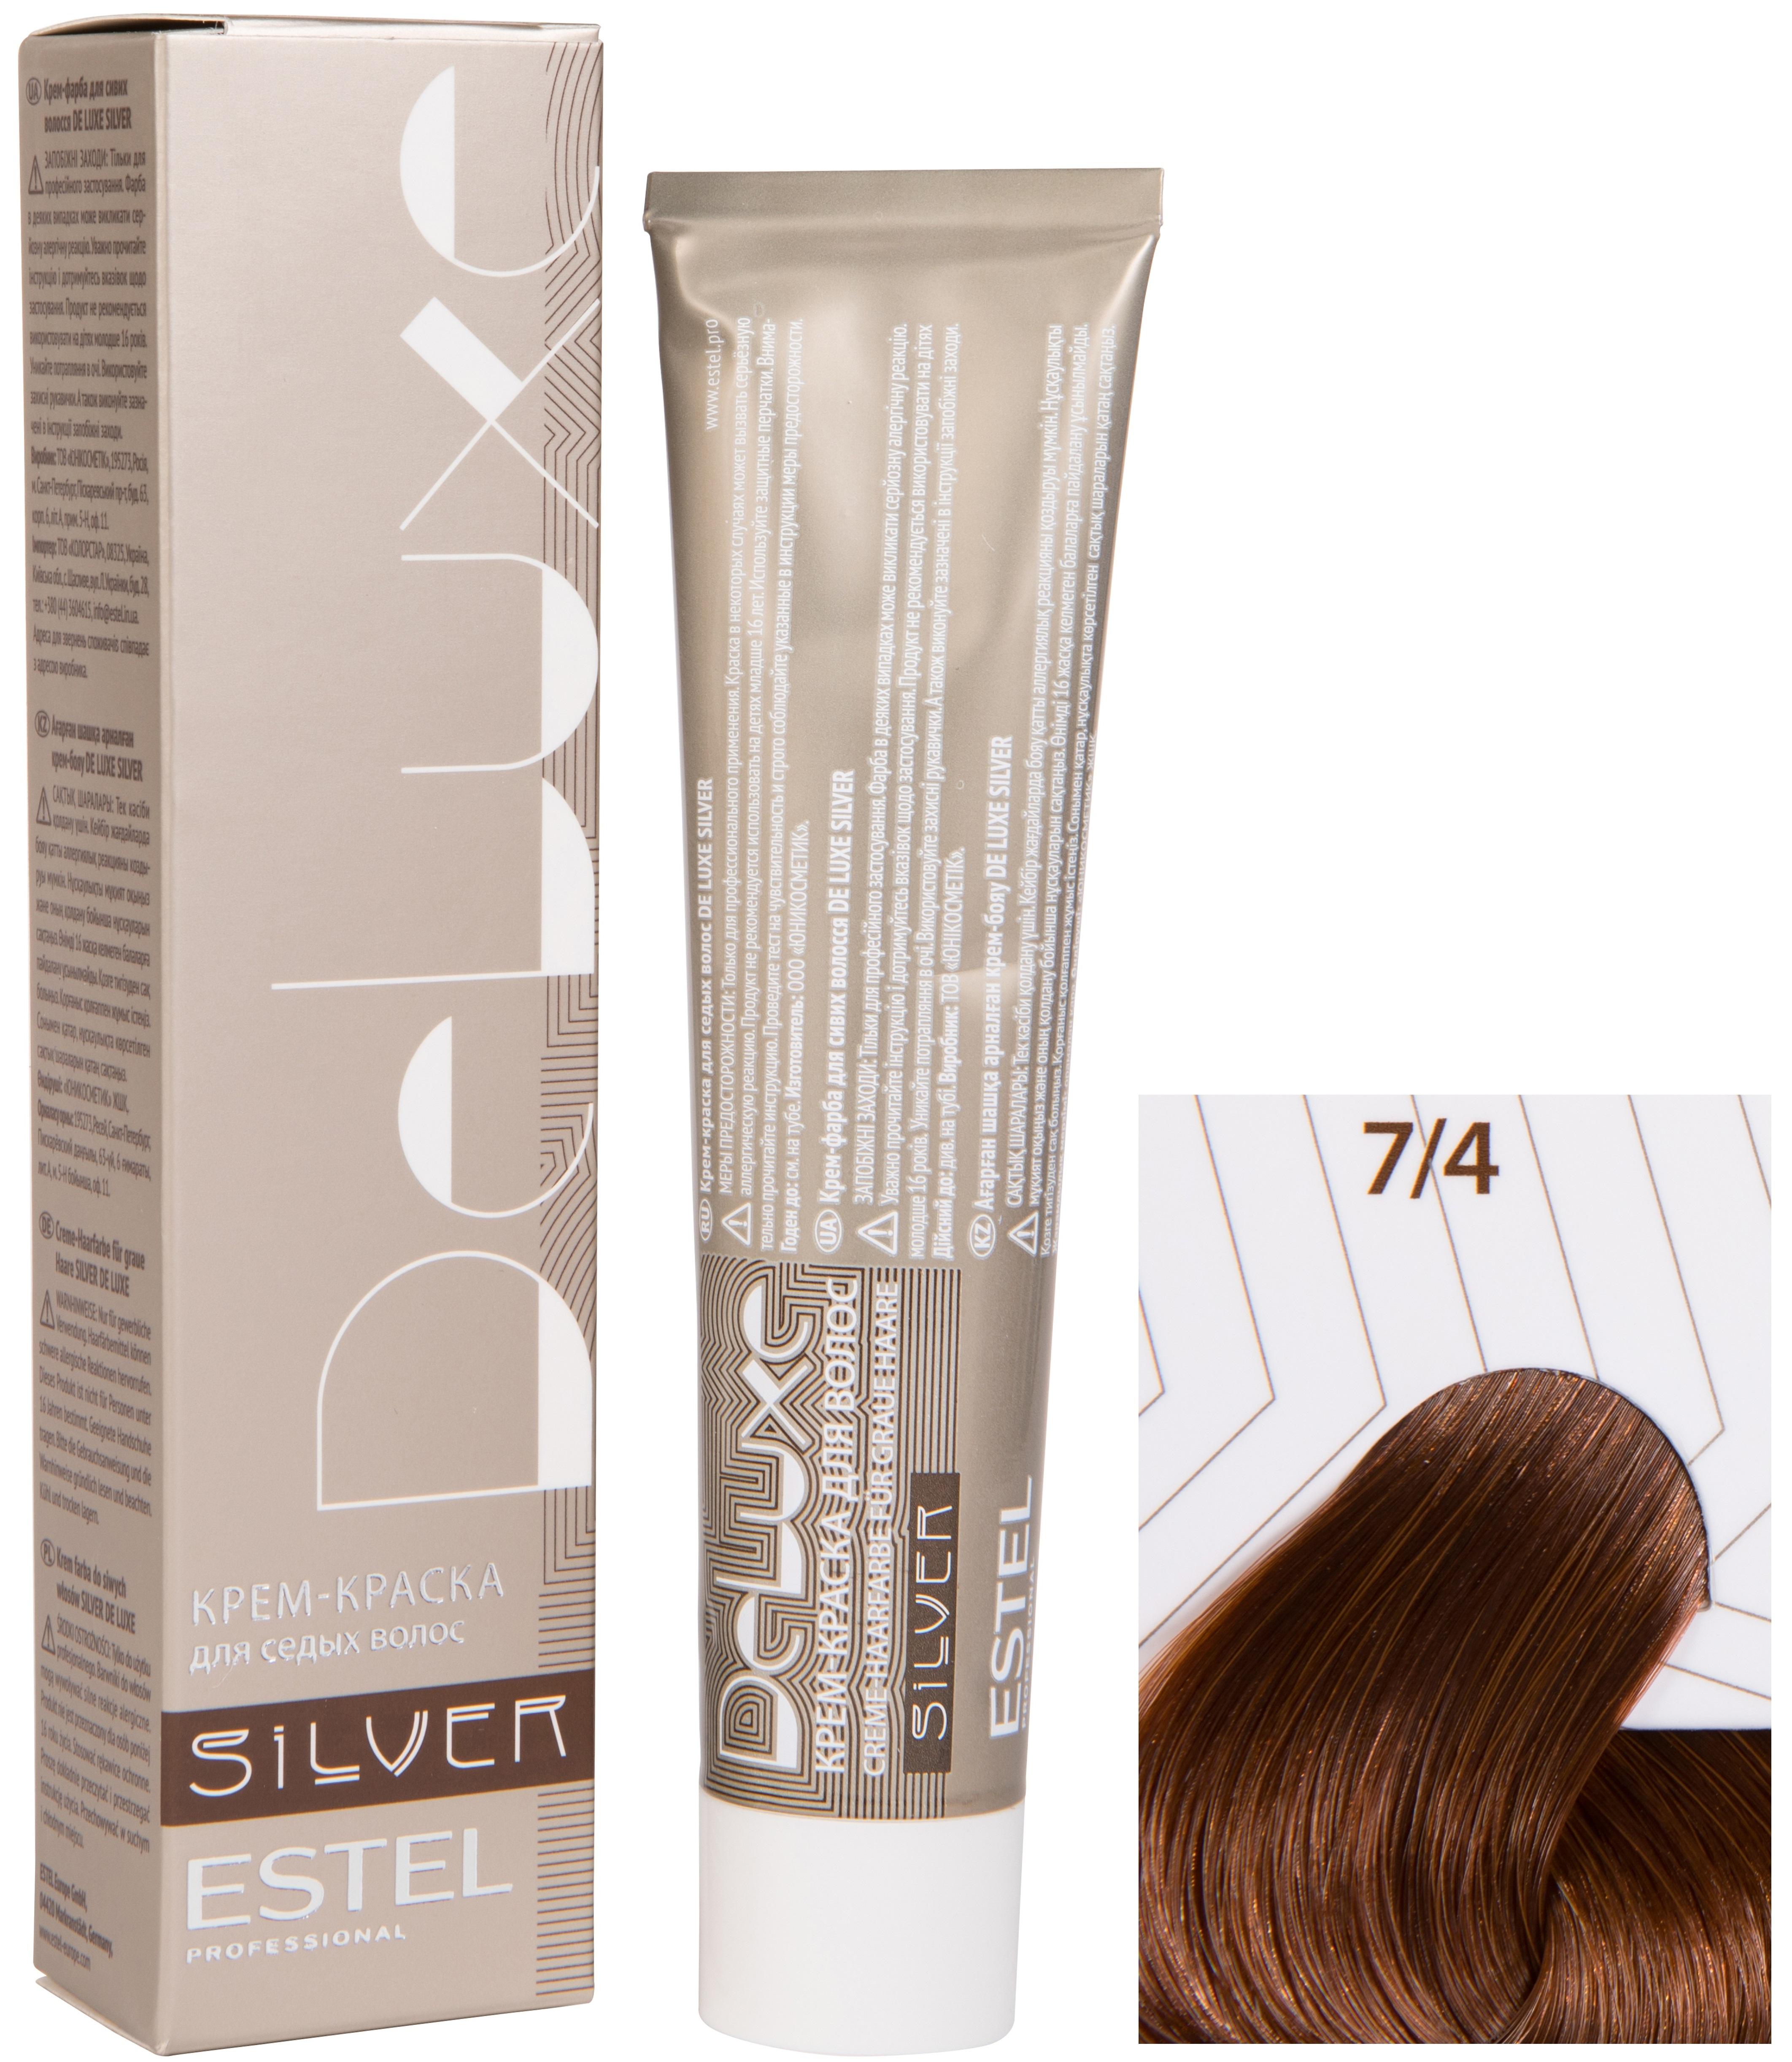 Краска для волос ESTEL PROFESSIONAL 7/4 краска-уход DE LUXE SILVER для окрашивания волос, русый медный 60 мл